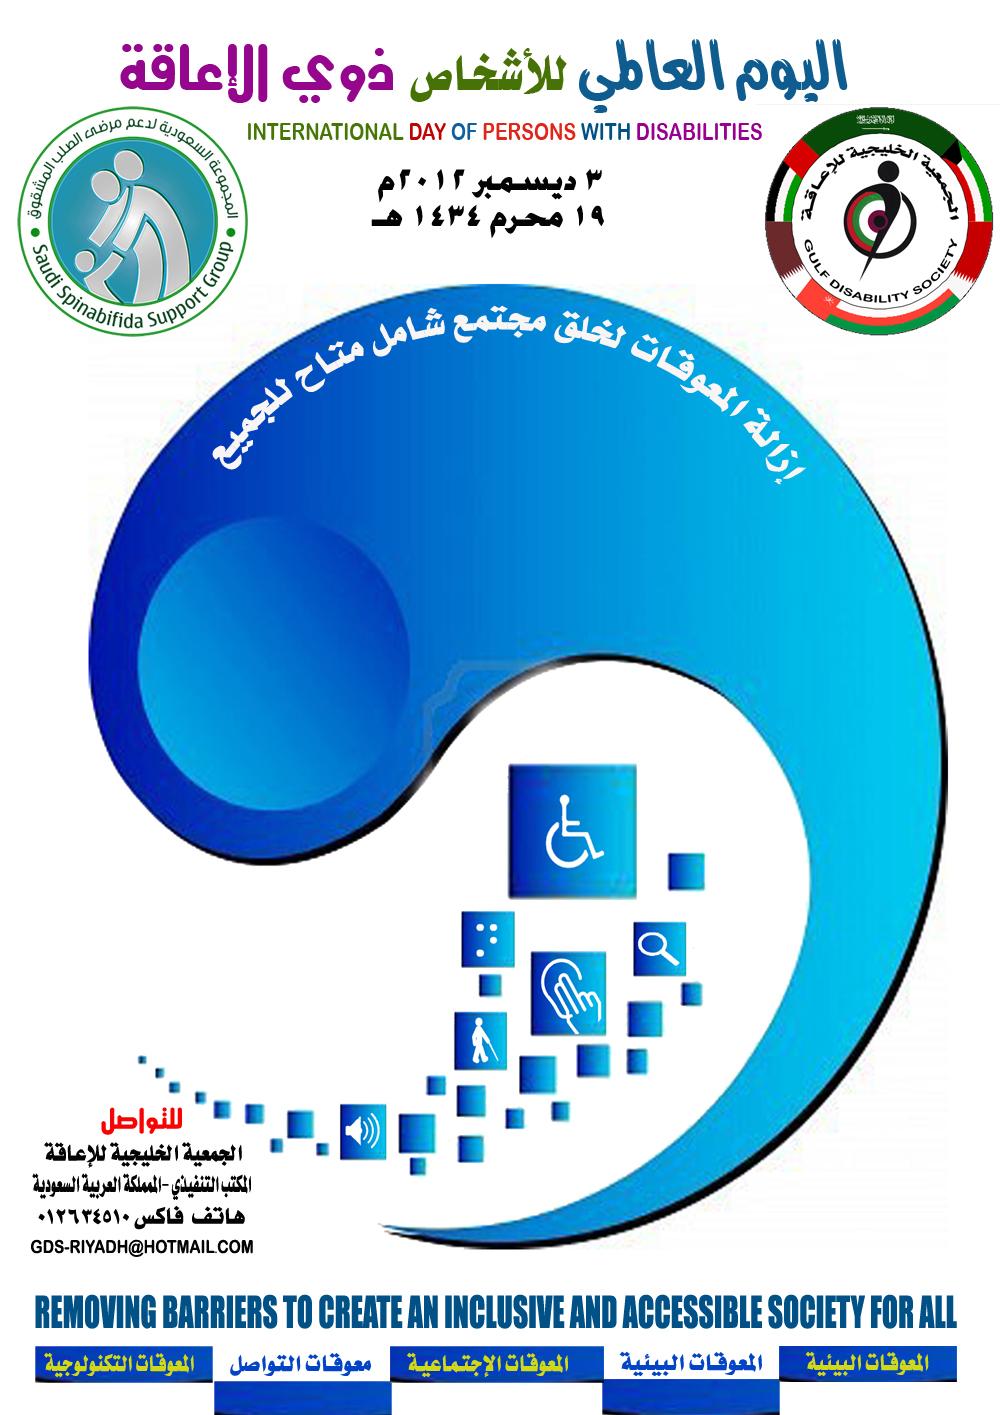 اليوم العالمي للإشخاص ذوي الإعاقة 2012 اليوم العالمي للمعوقين